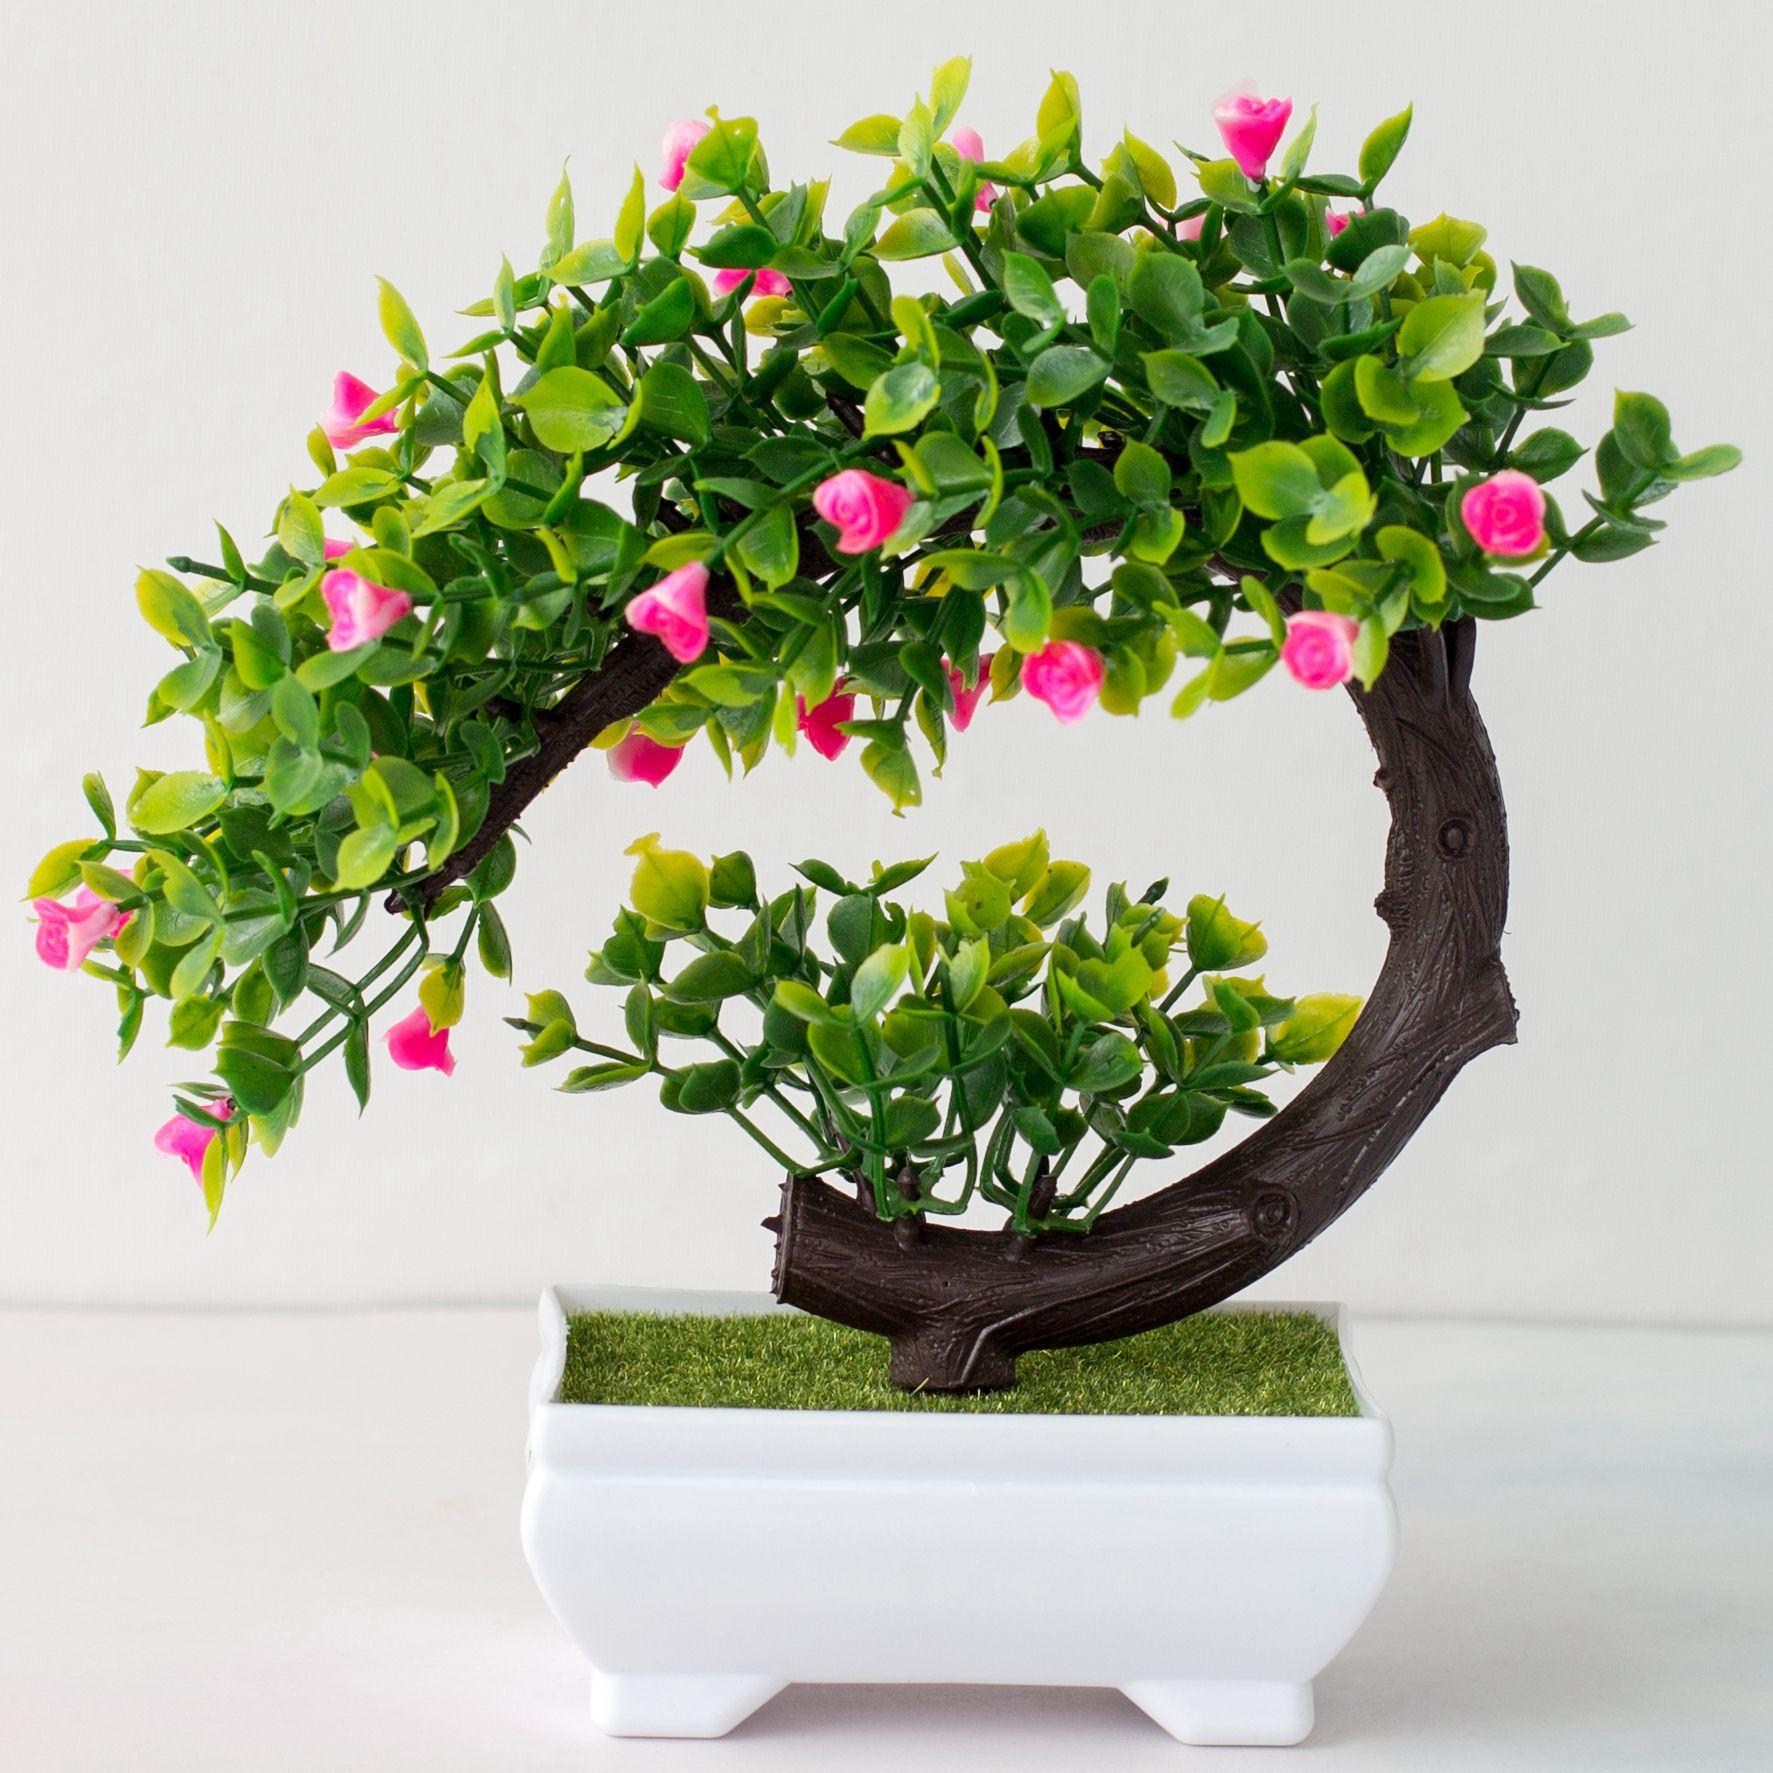 Fake Bonsai Artificial Potted Plant Decor Home Plants Garden Pot Flowers